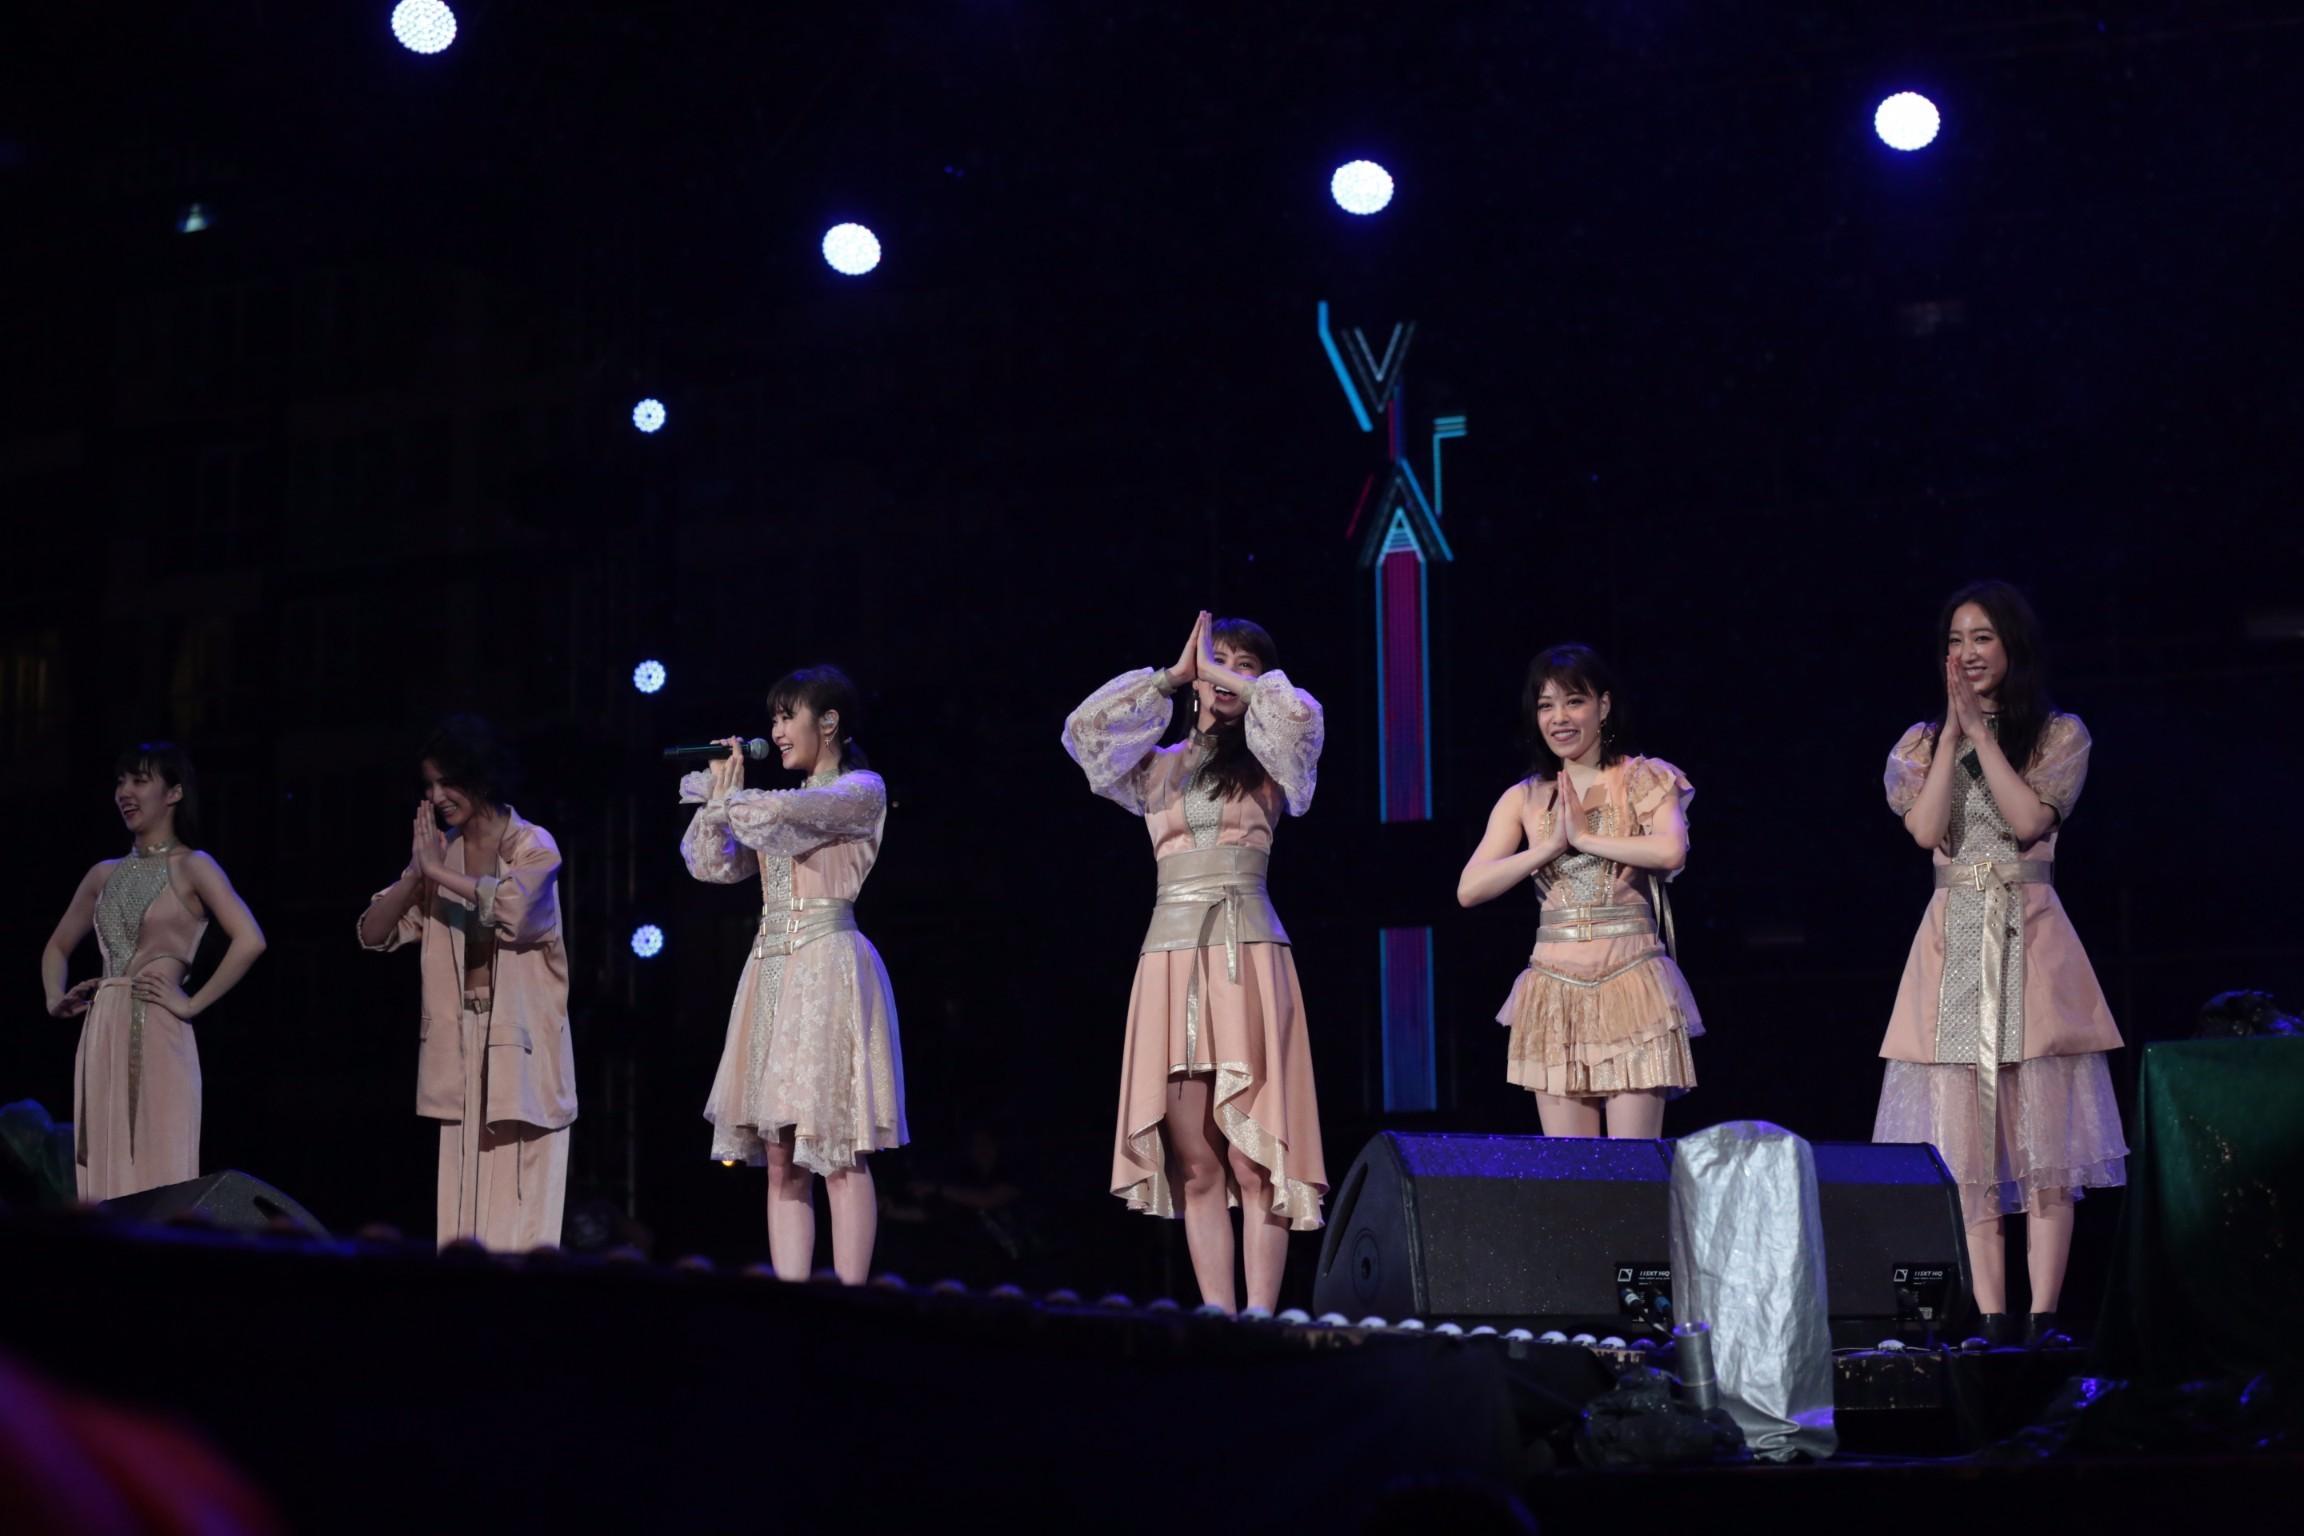 Flower 『Viral Fest Asia 2017』